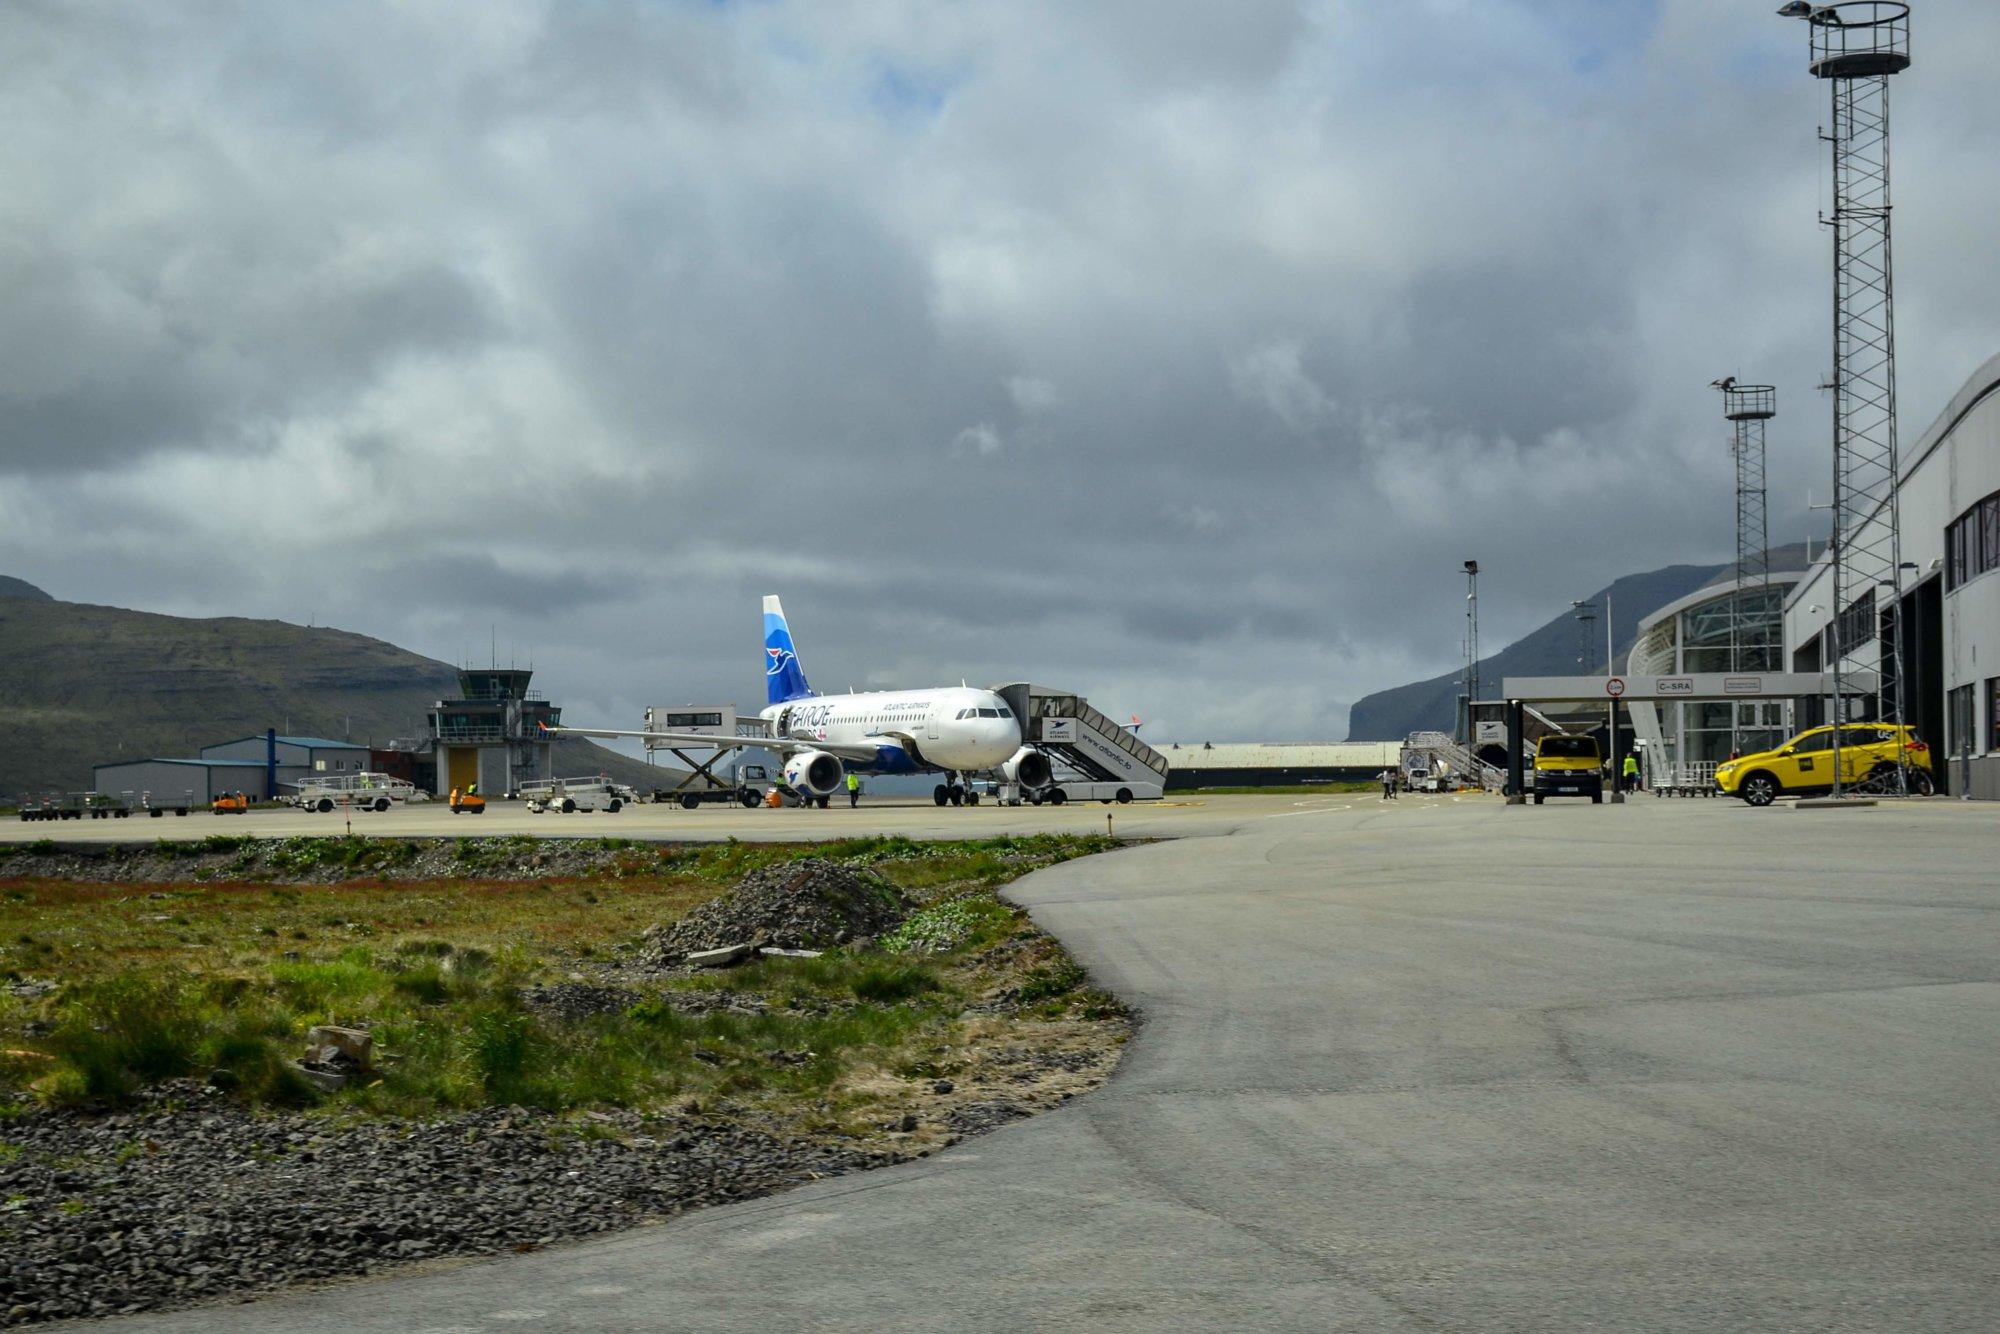 Samolot linii lotniczych Atlantic Airways na lotnisku na Wyspach Owczych